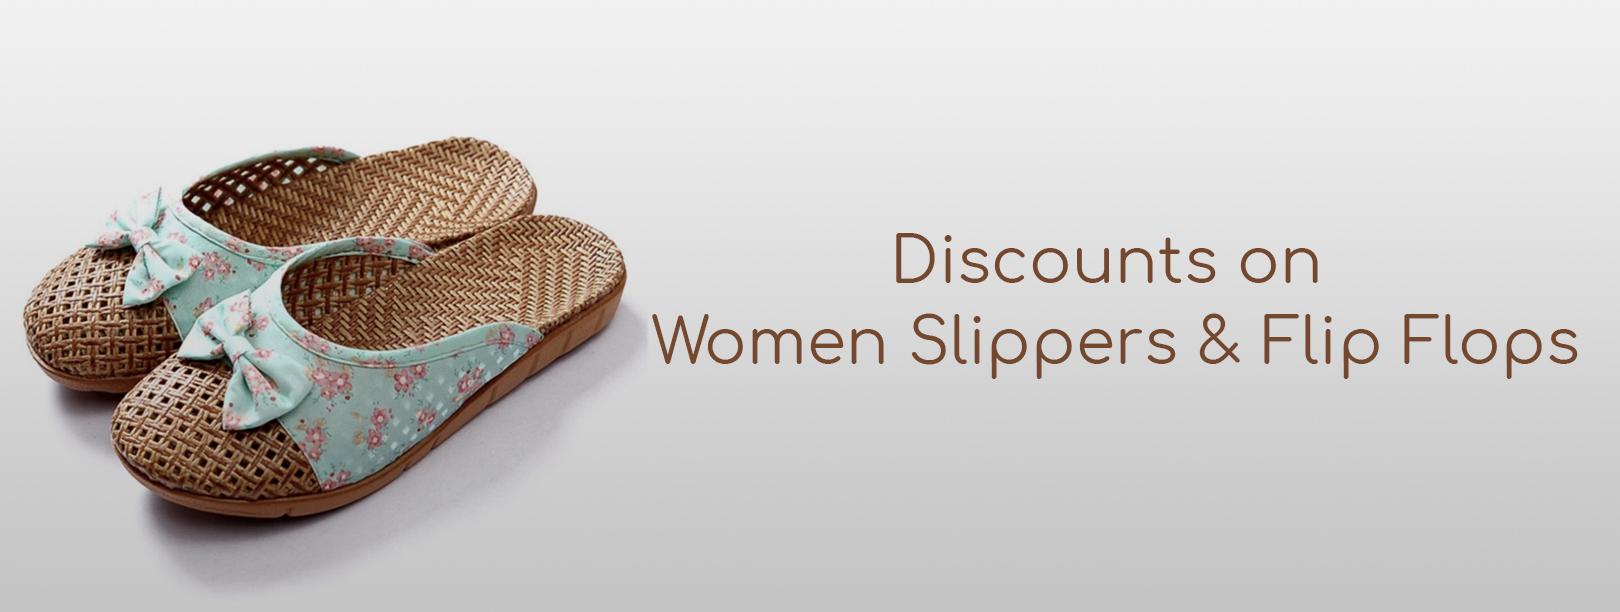 Flipkart Women Slippers & Flip Flops